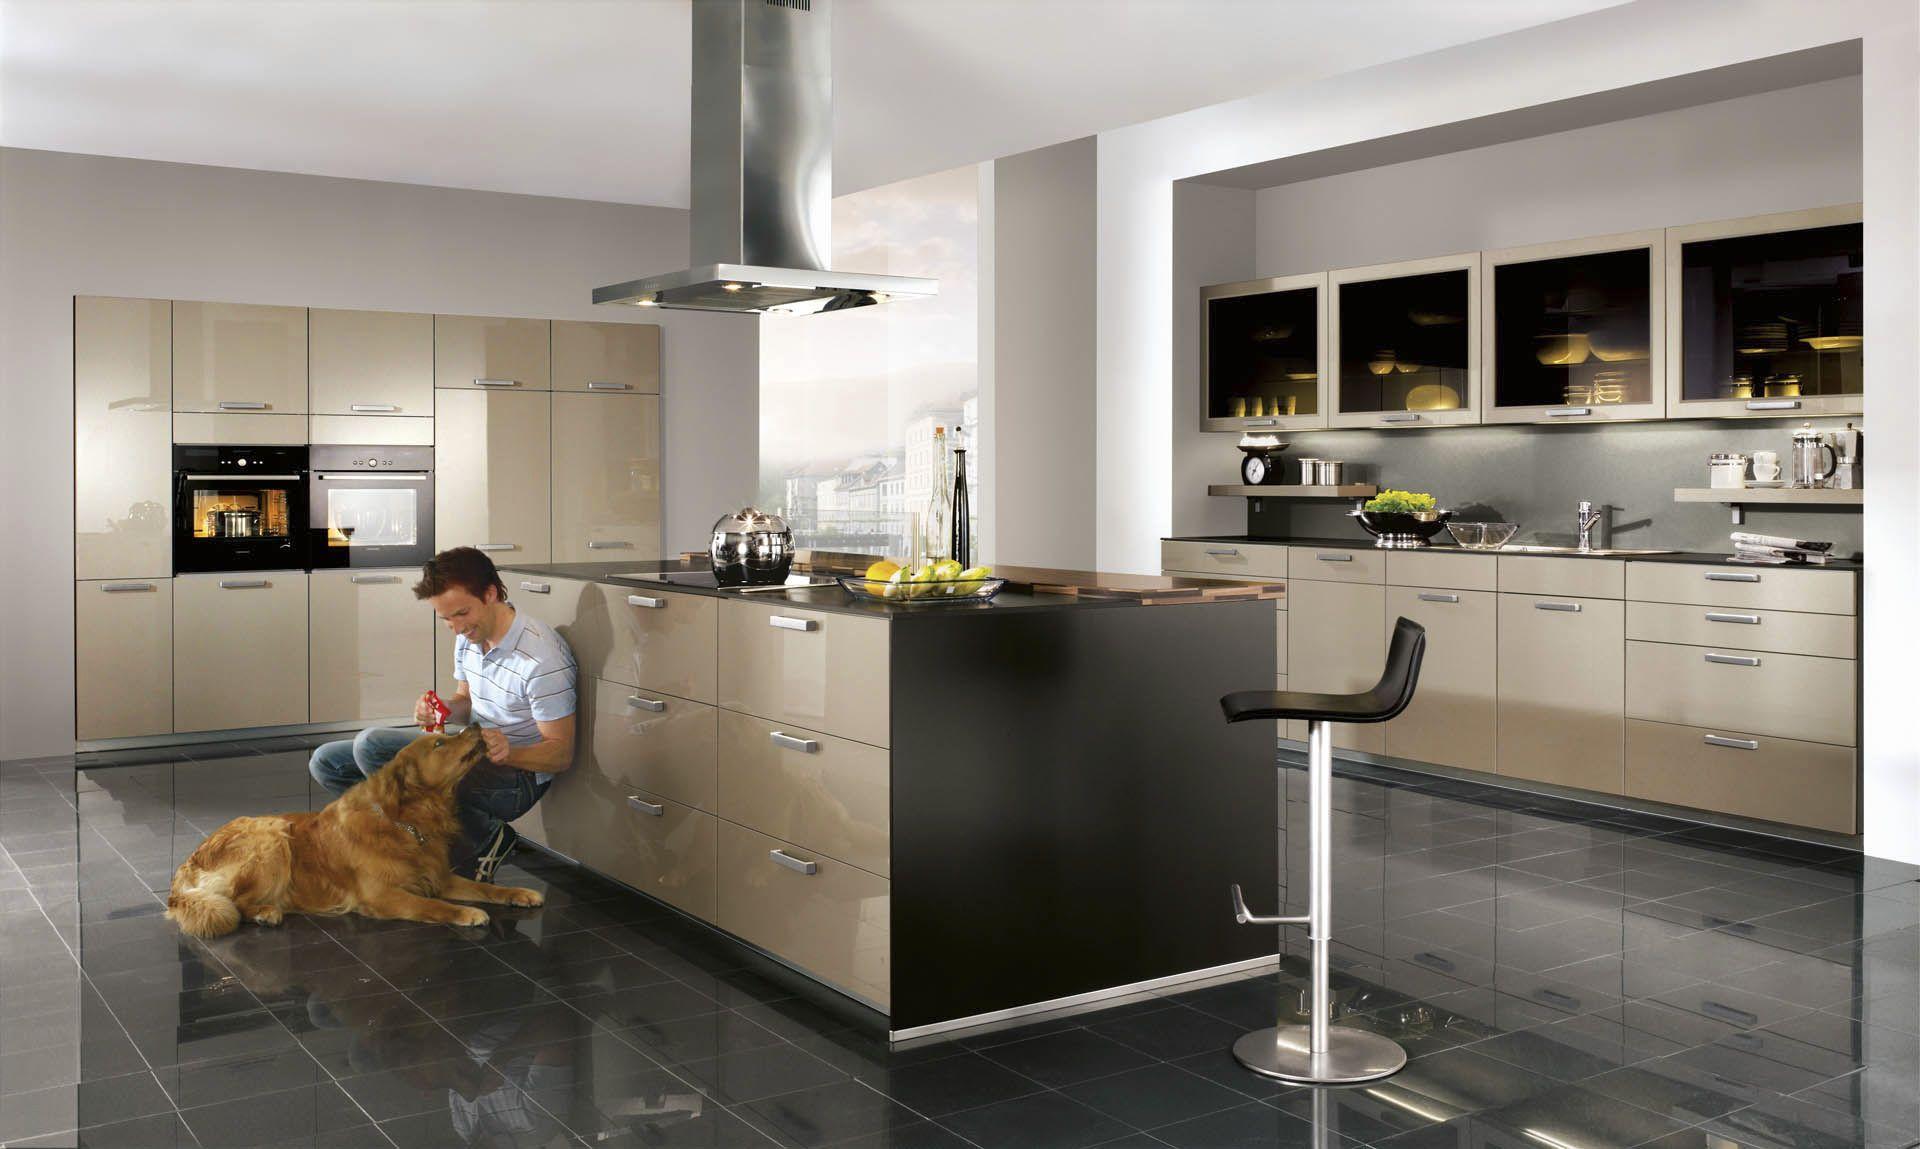 Diseos de cocinas modernas con isla good diseos de for Modelos de islas de cocina modernas